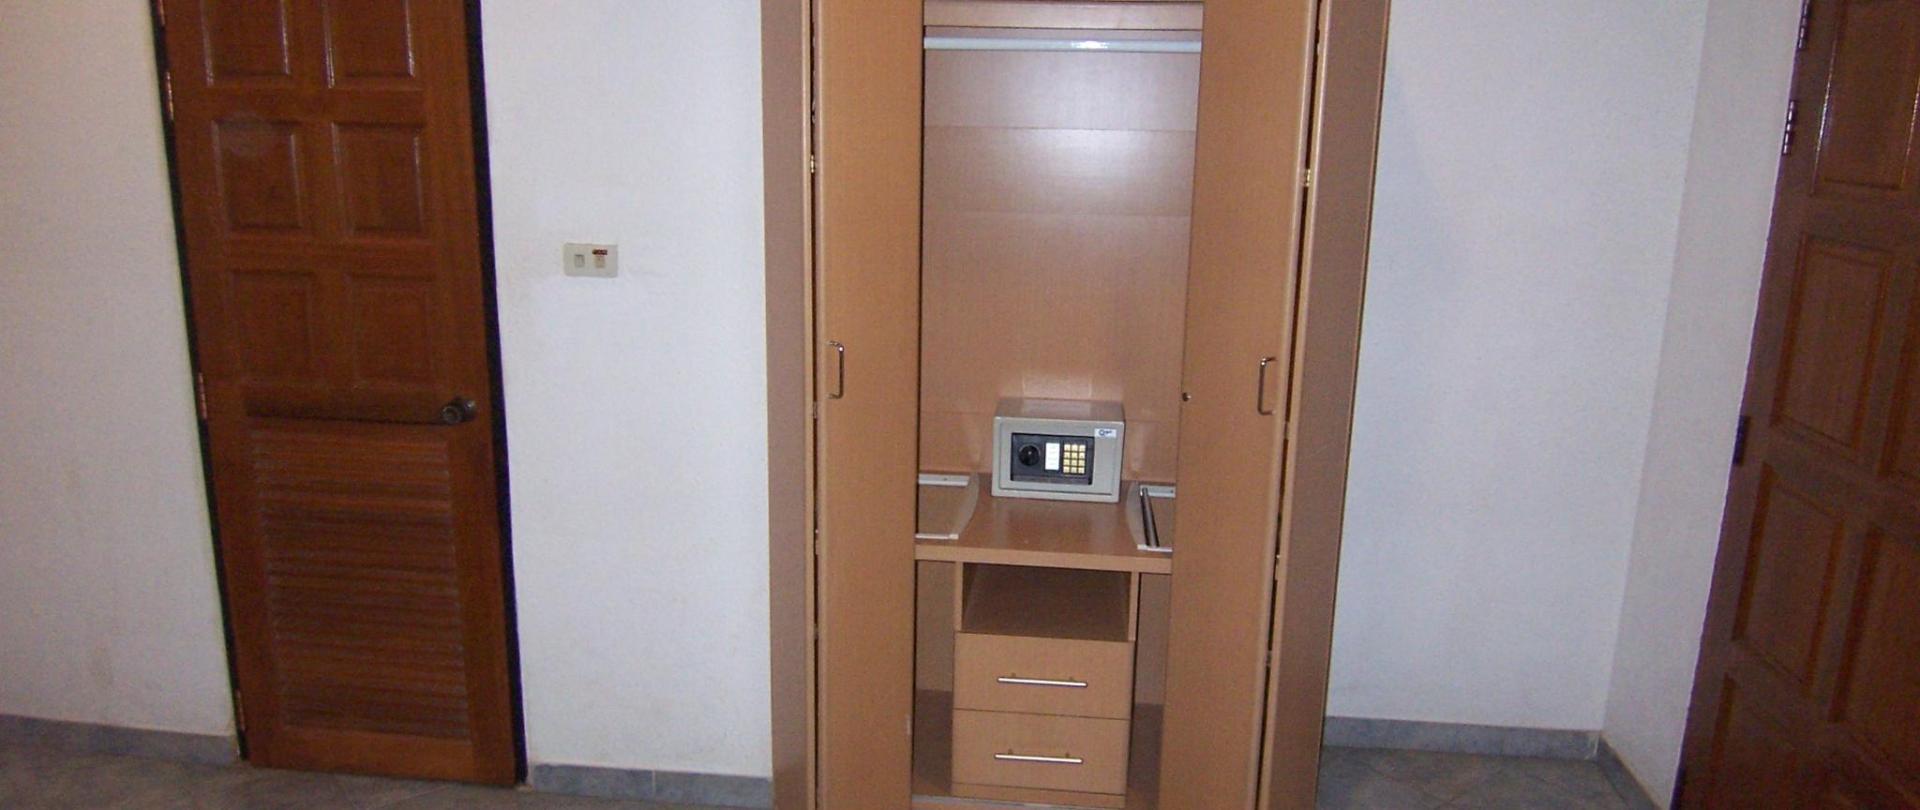 room106-safe.JPG